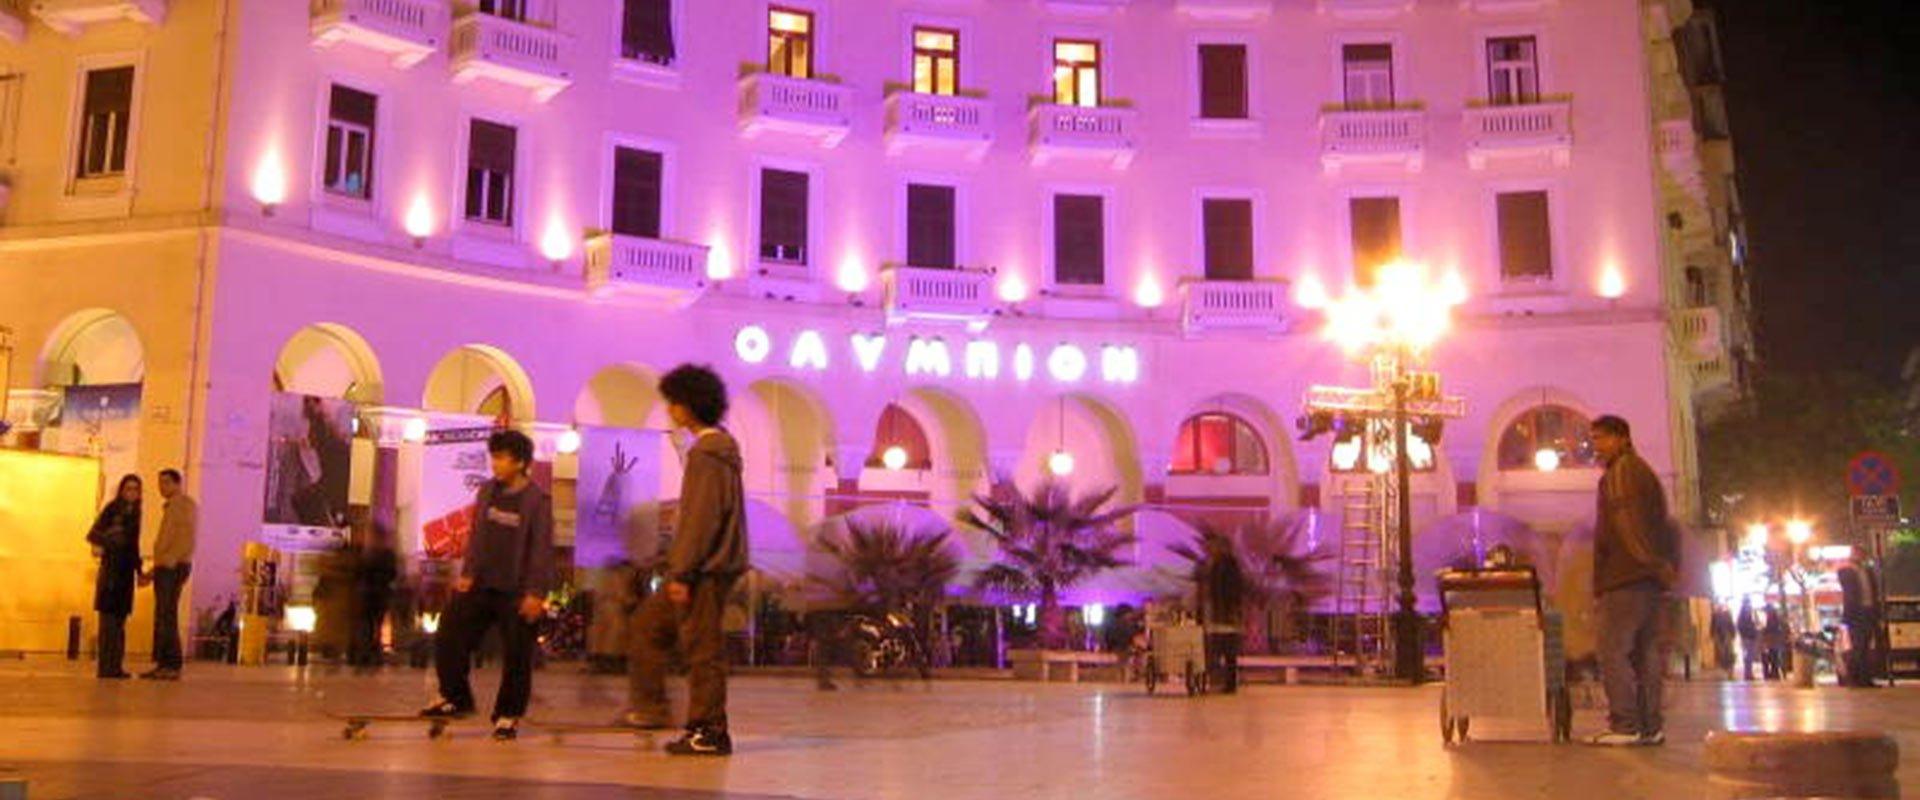 daios hotel festivals